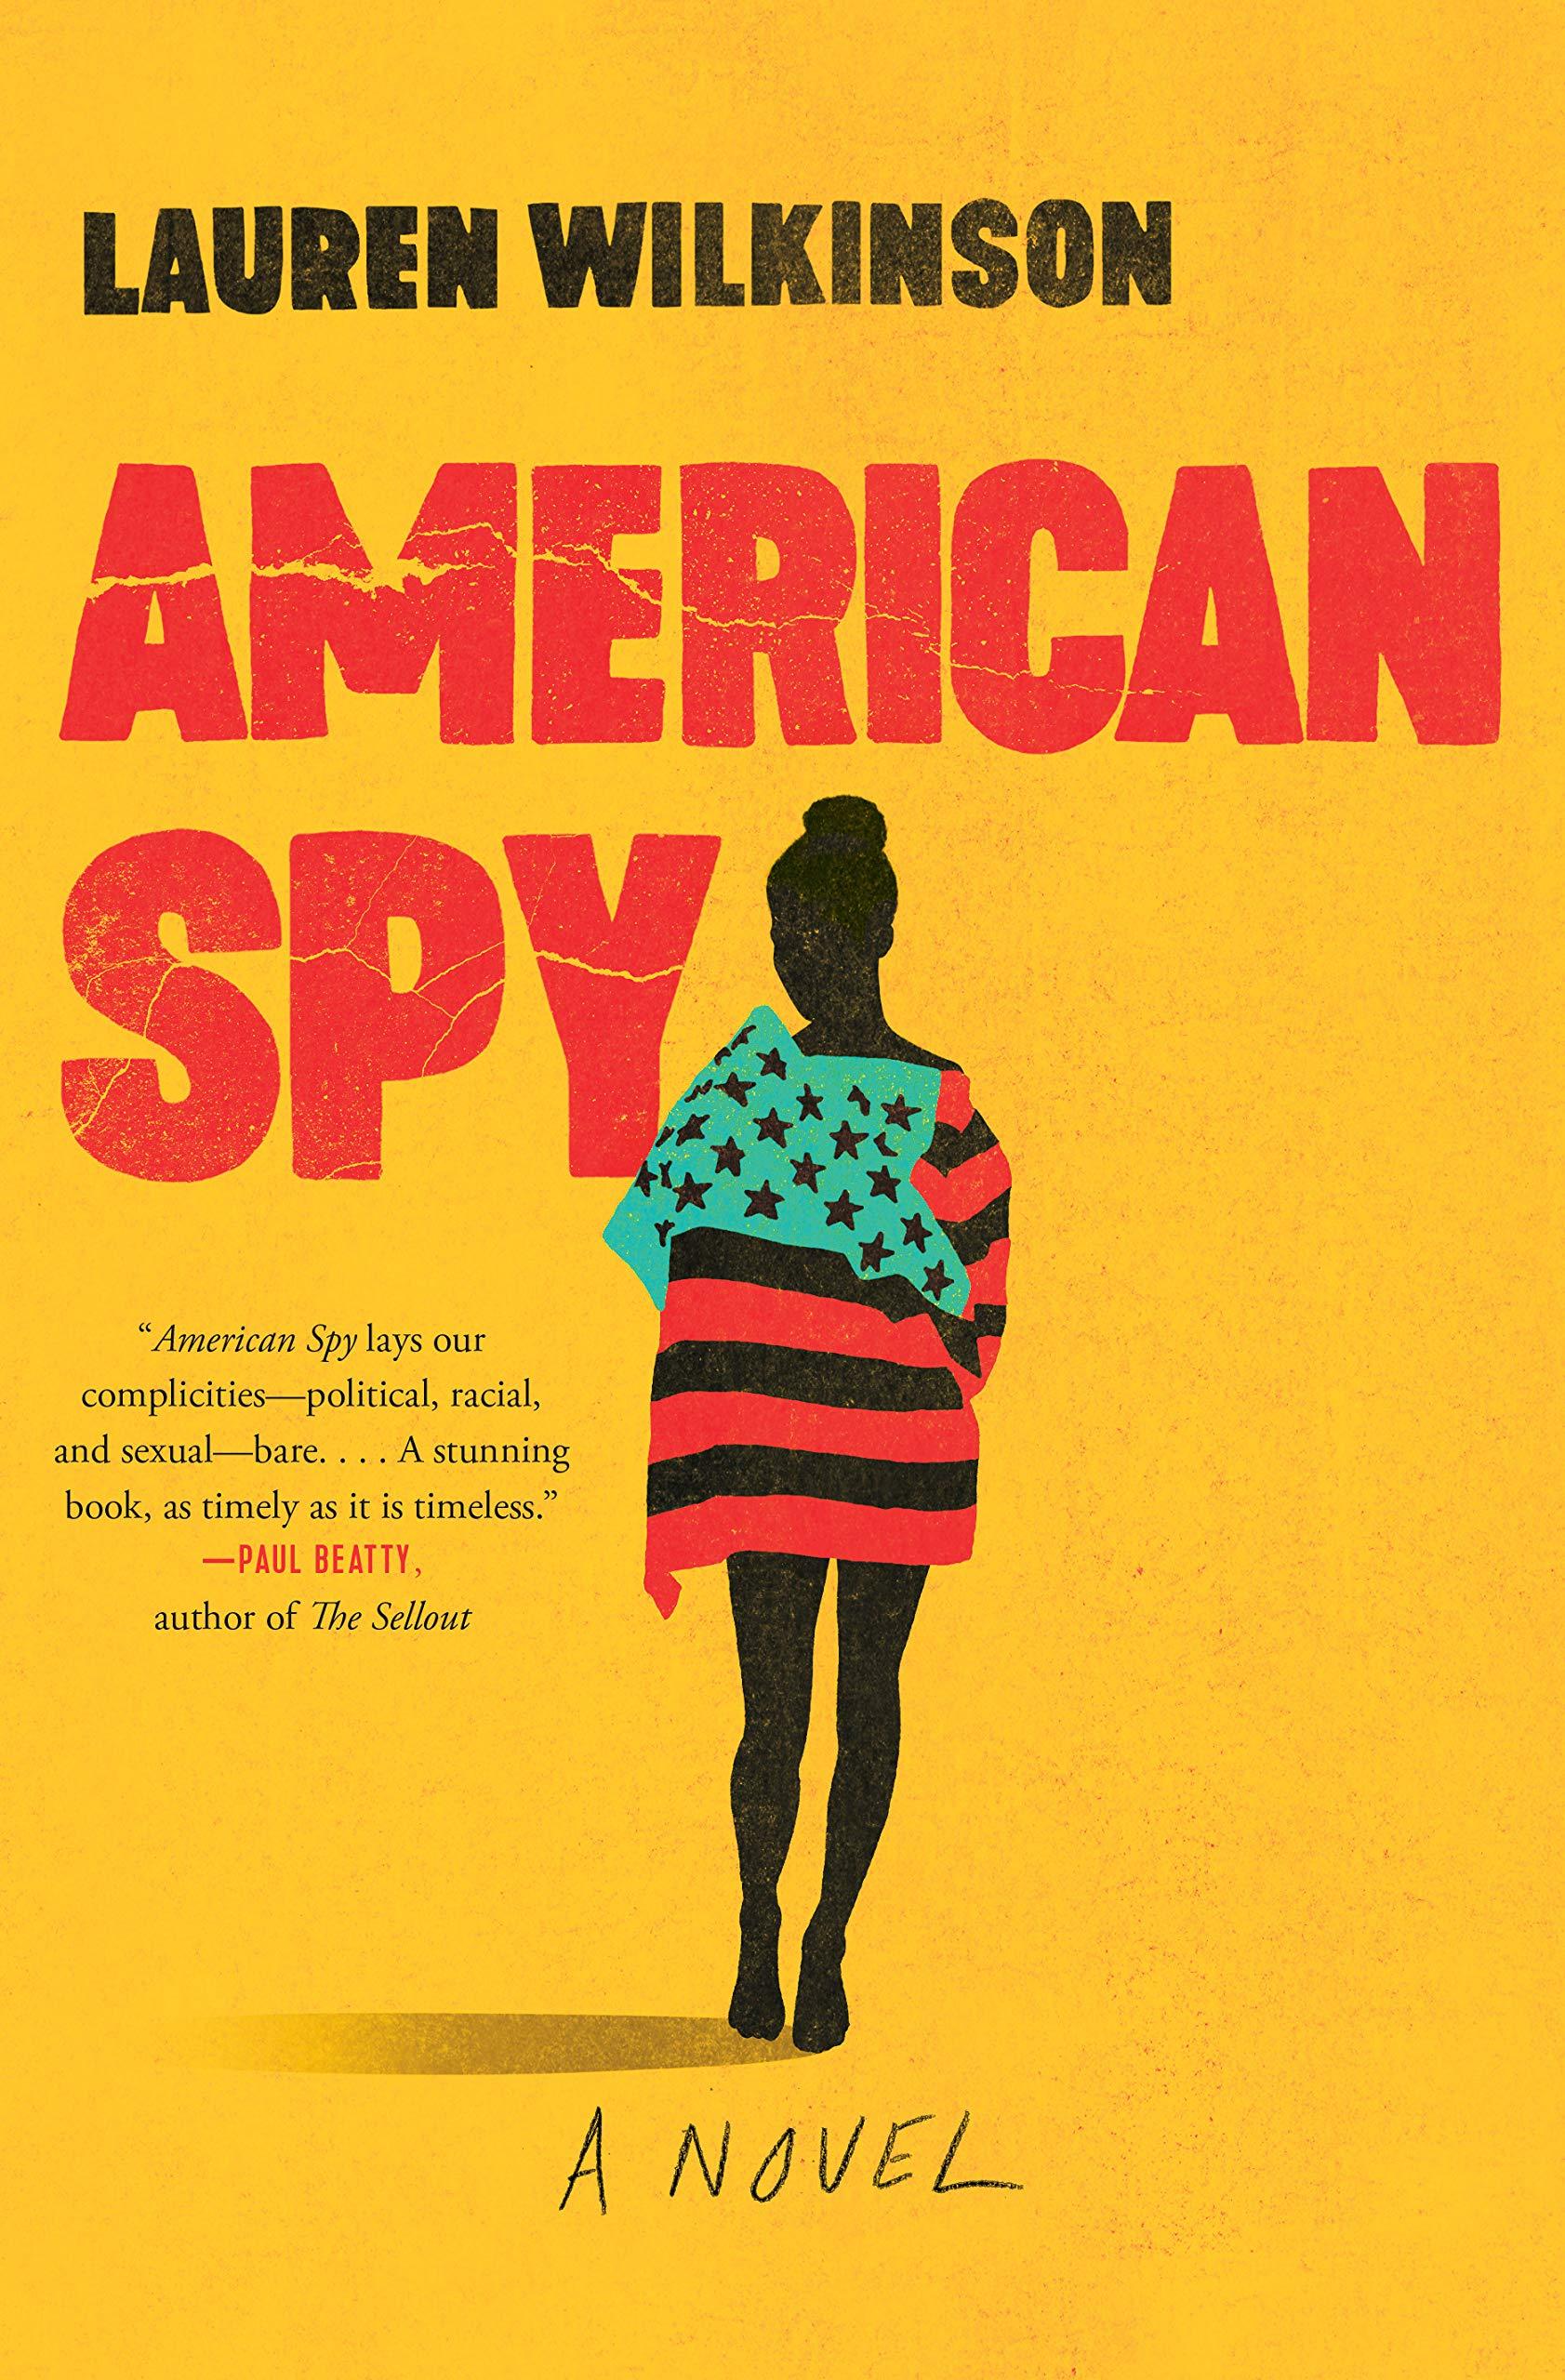 Image result for American Spy Lauren Wilkinson